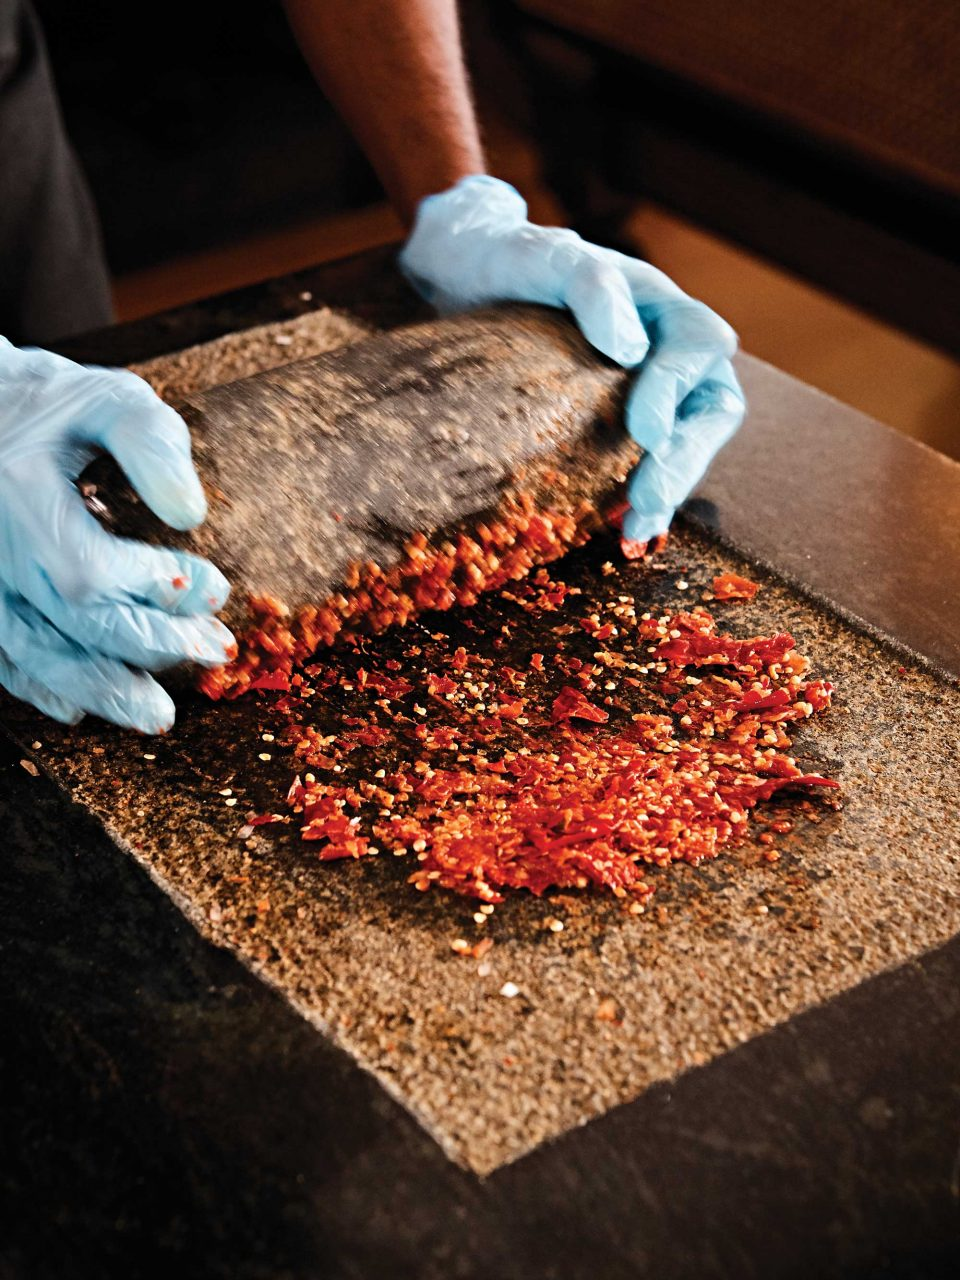 케마수트라에서는 삼볼 소스를 만들 때, 전통 방식으로 향신료를 갈아낸다. 가까이 다가가면 매콤한 칠리 향이 진동한다. © 김재욱